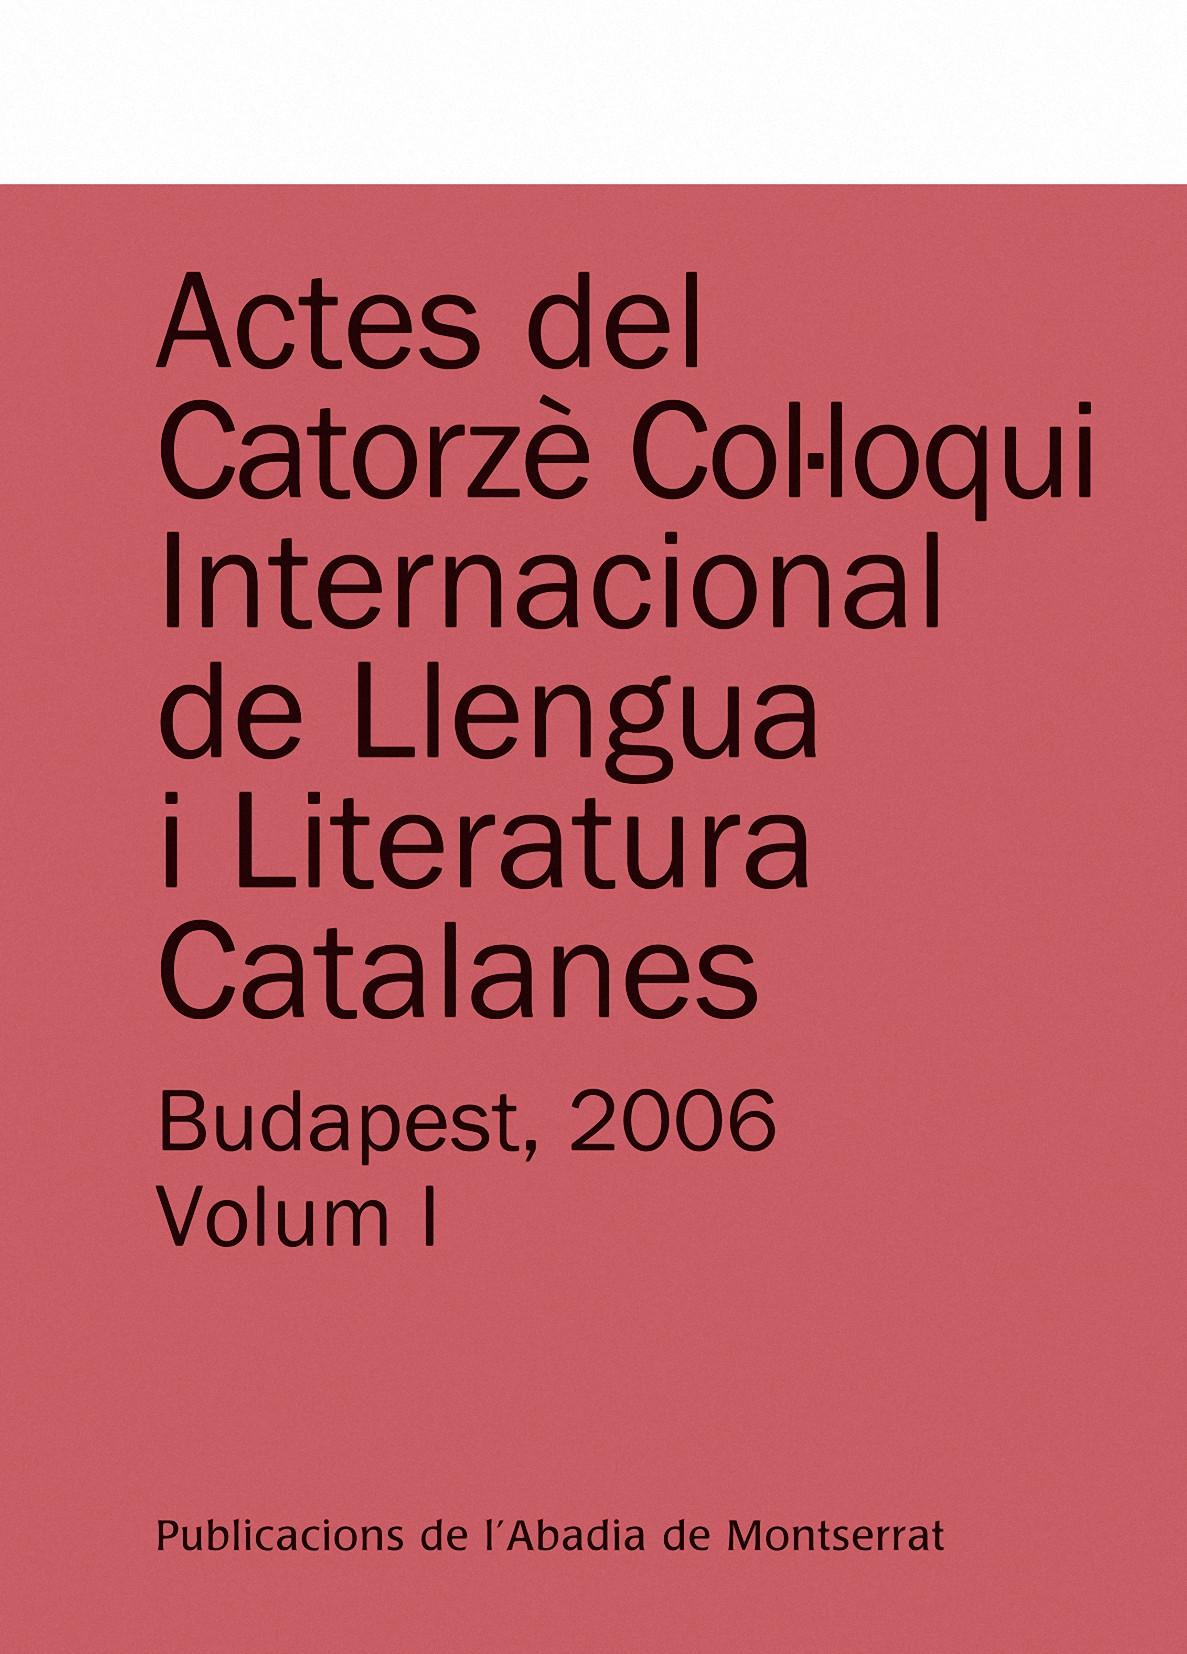 ACTES DEL CATORZÈ COL·LOQUI INTERNACIONAL DE LLENGUA I LITERATURA CATALANES : BUDAPEST, 4-9 DE